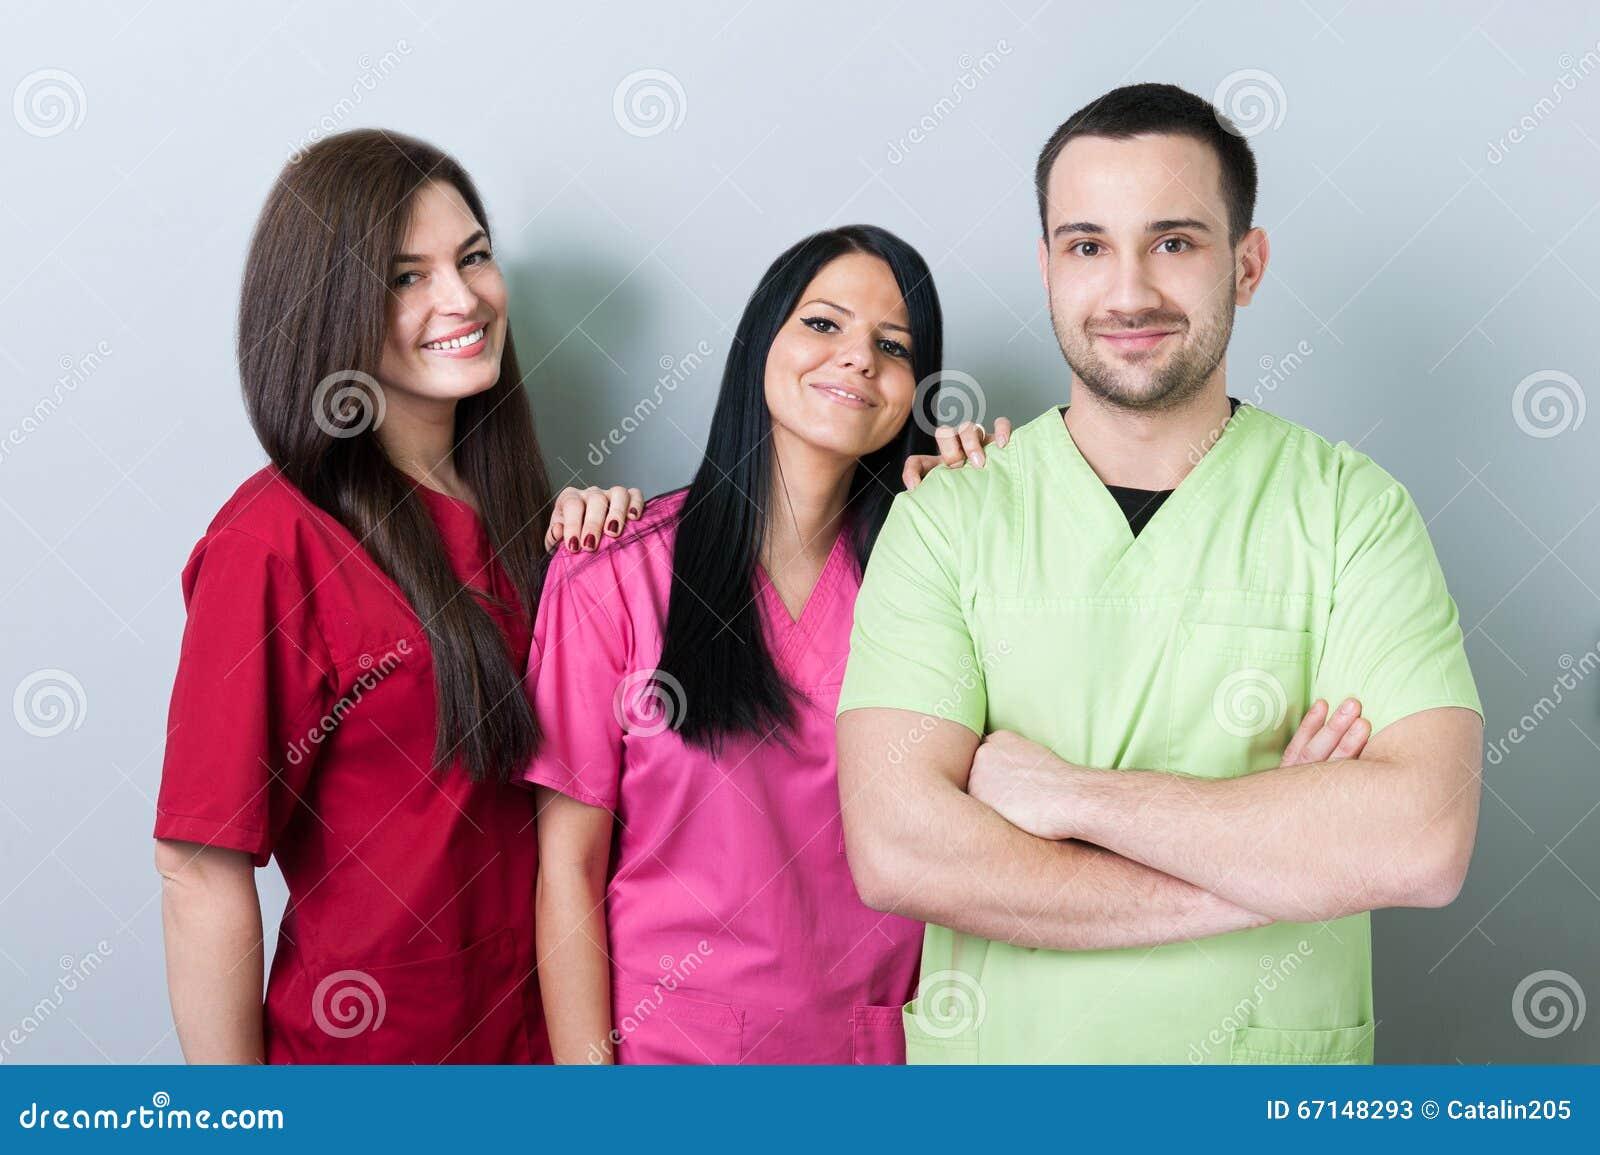 Gruppo medico o dentario